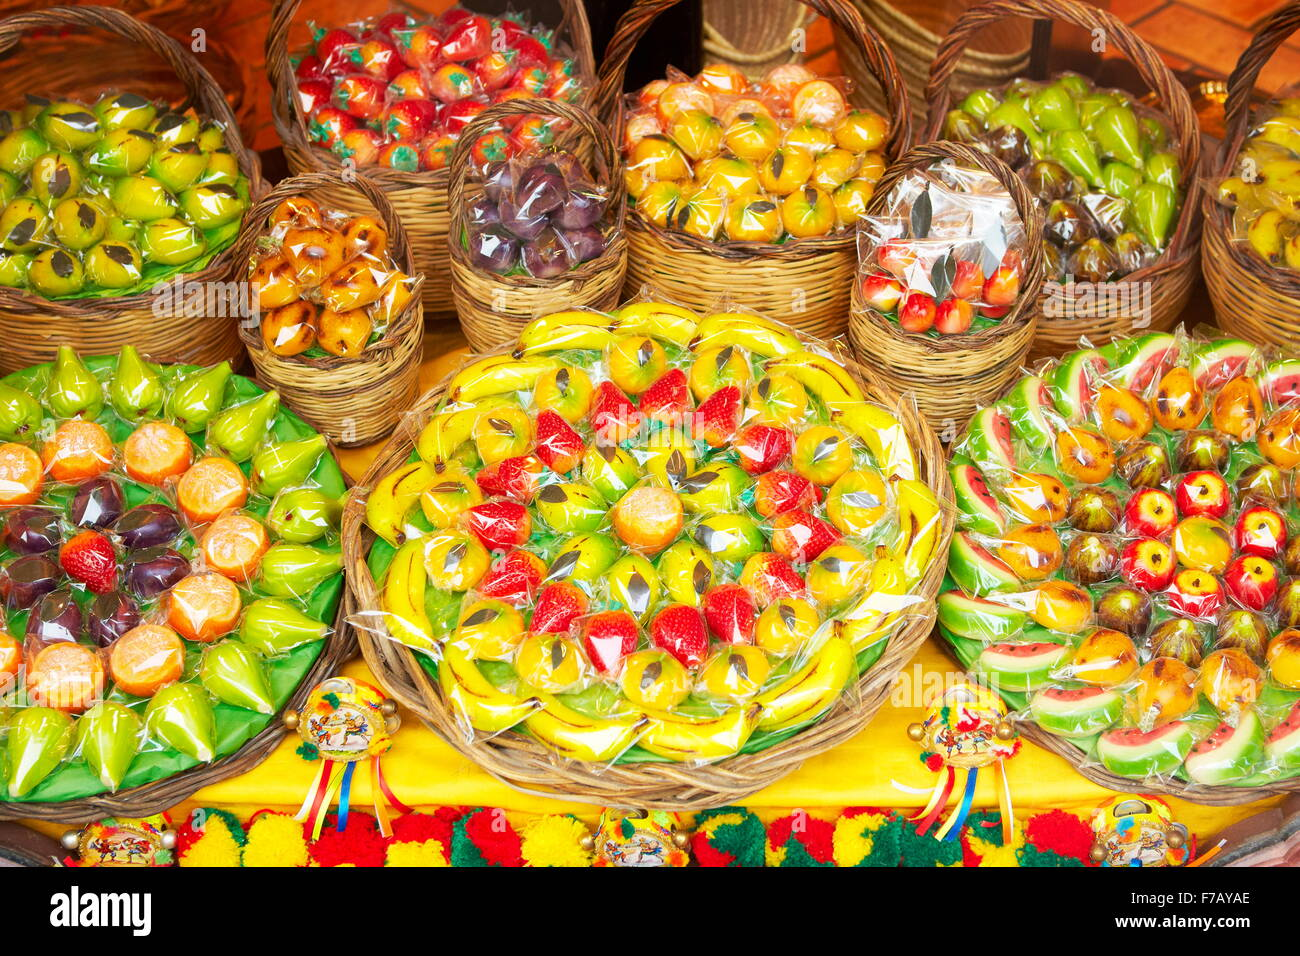 Fruits massepain typiquement sicilienne (frutta martorana), Syracuse, Sicile, Italie Photo Stock